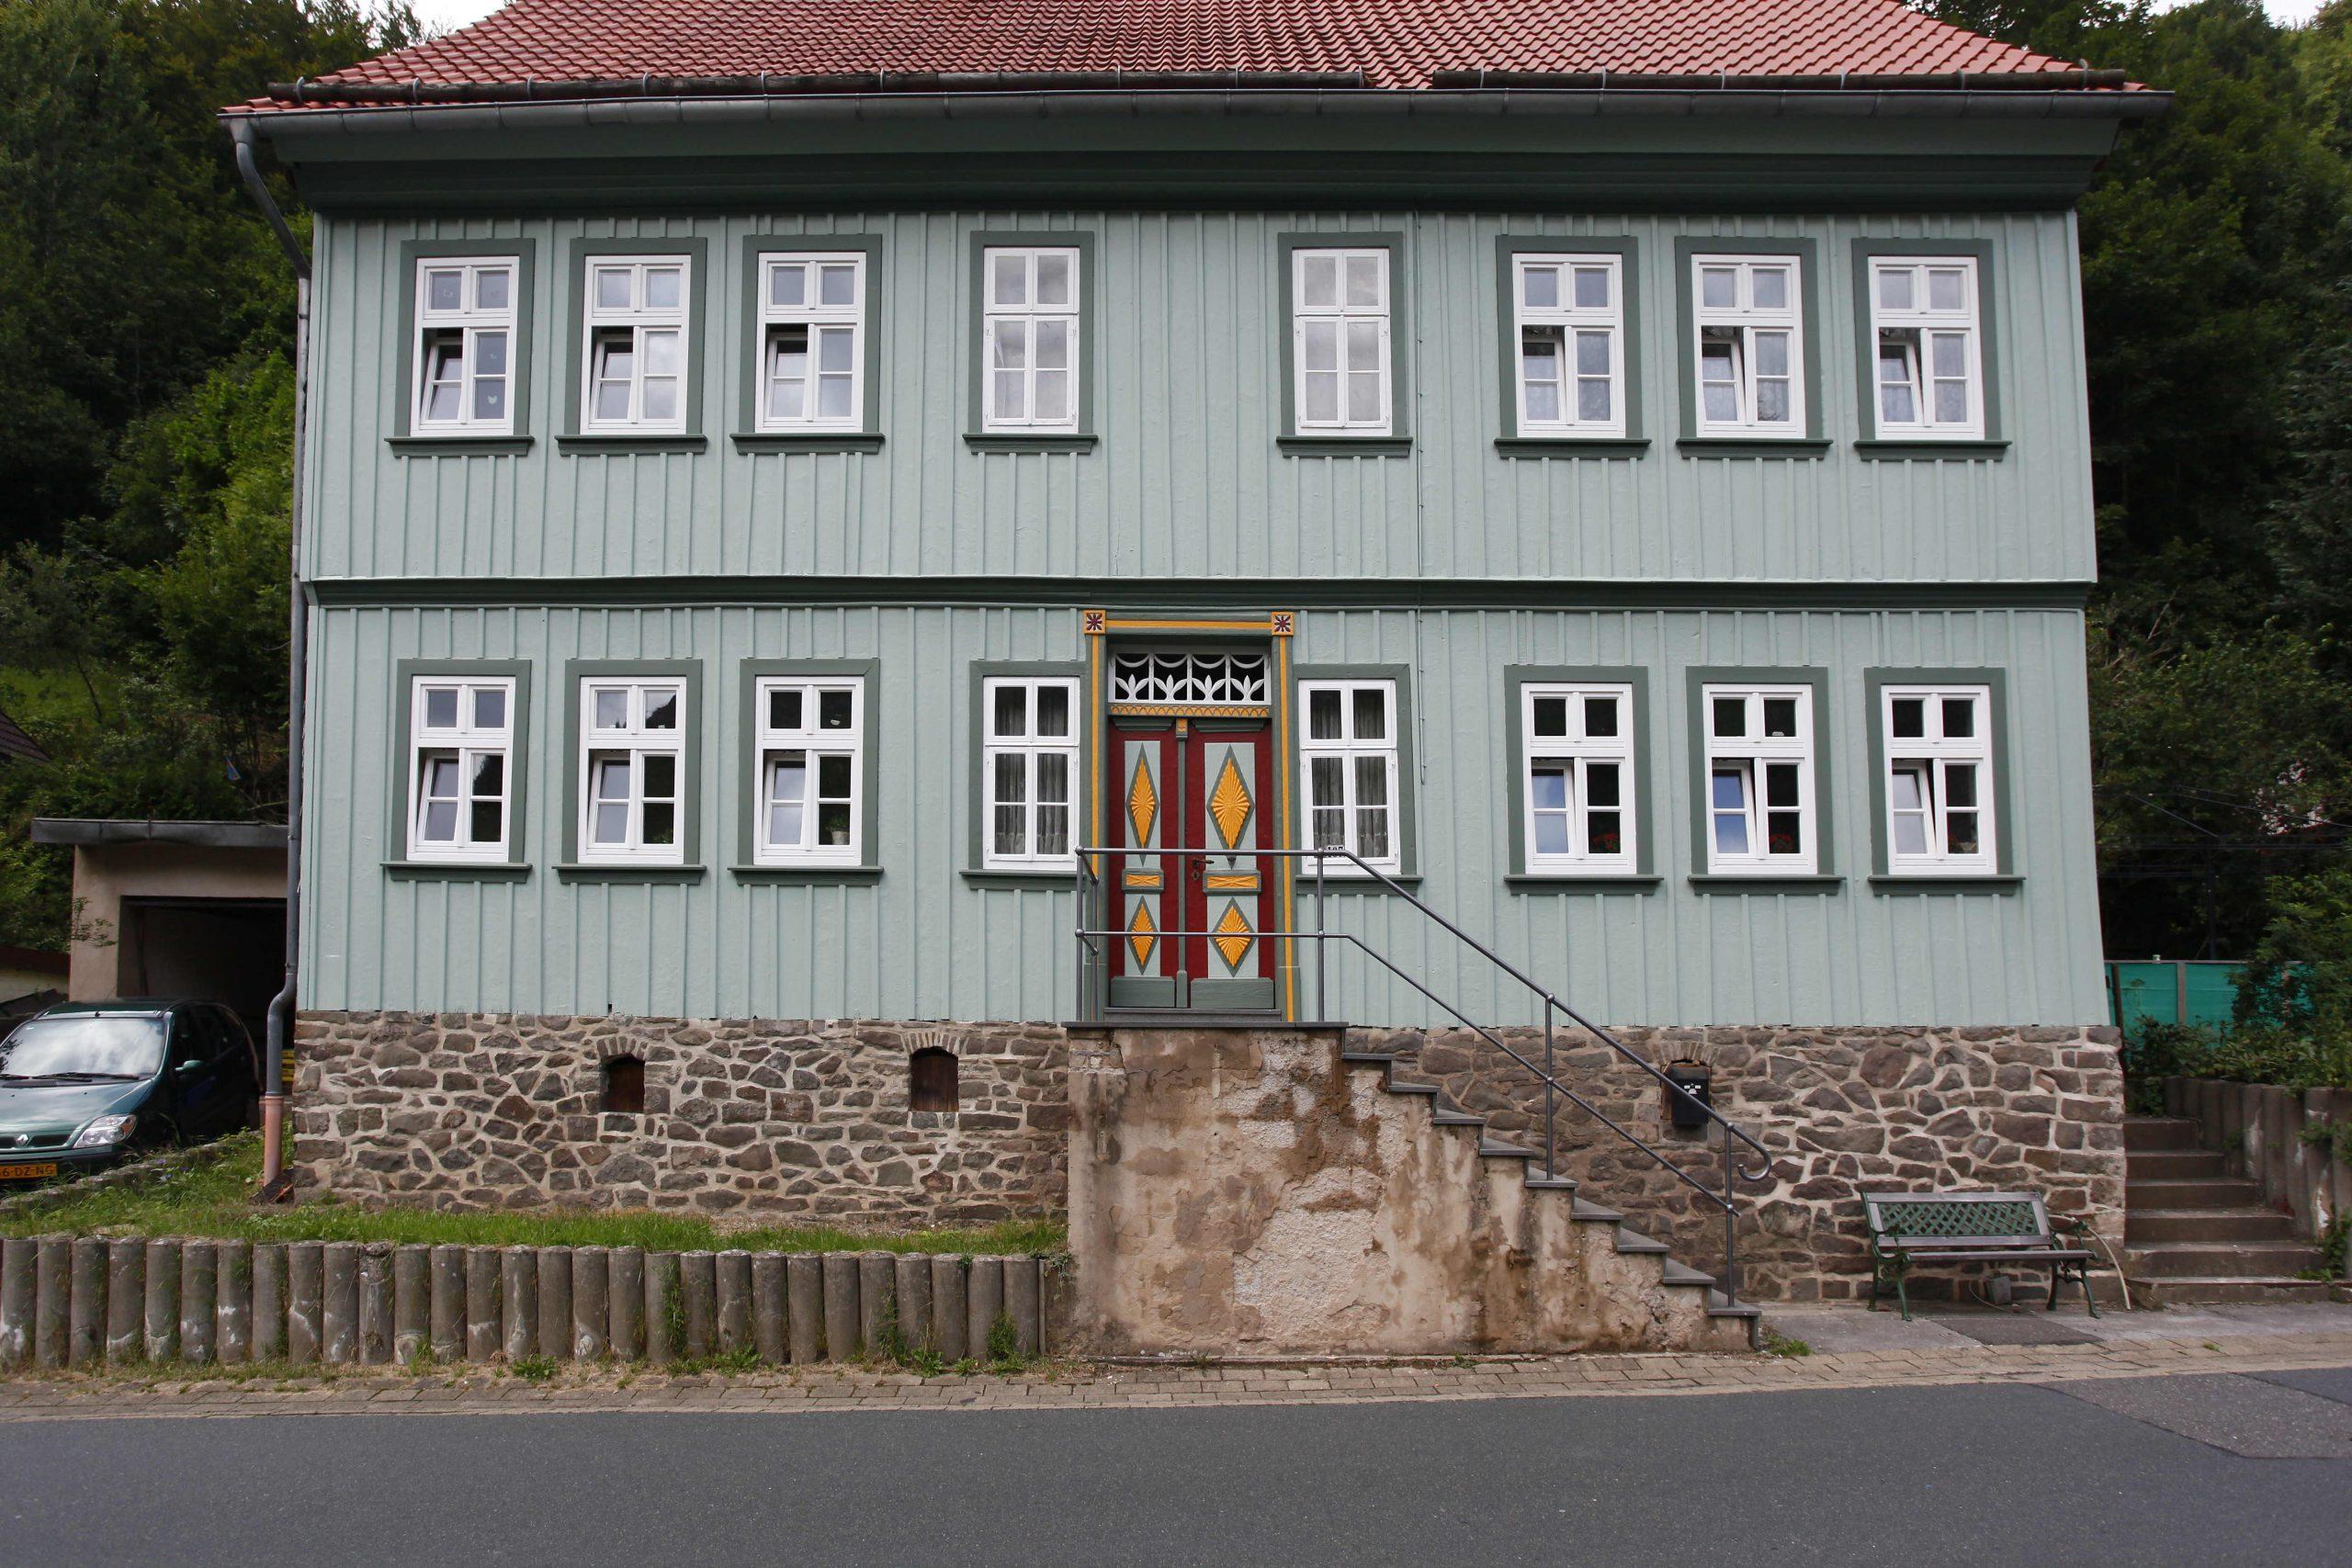 Dukturhaus